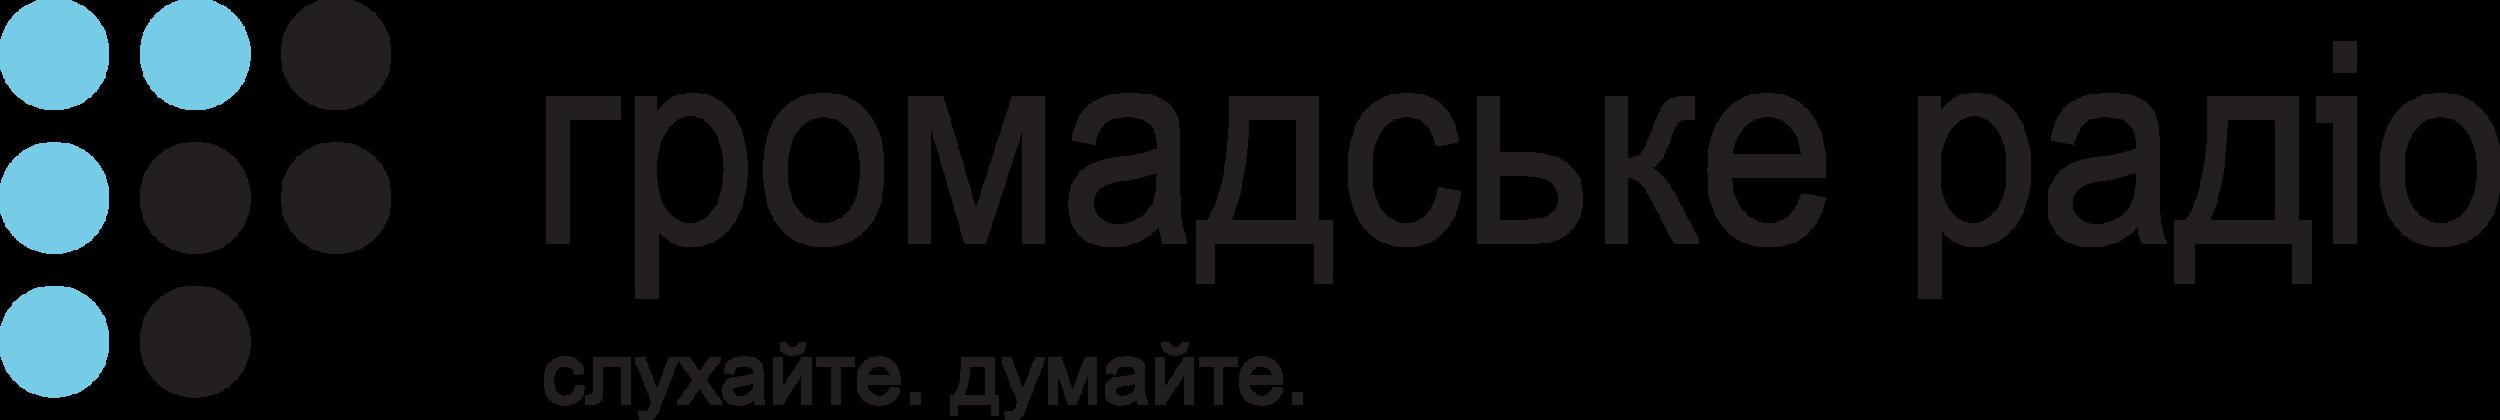 ВЕКТОР_gromadske logo.png